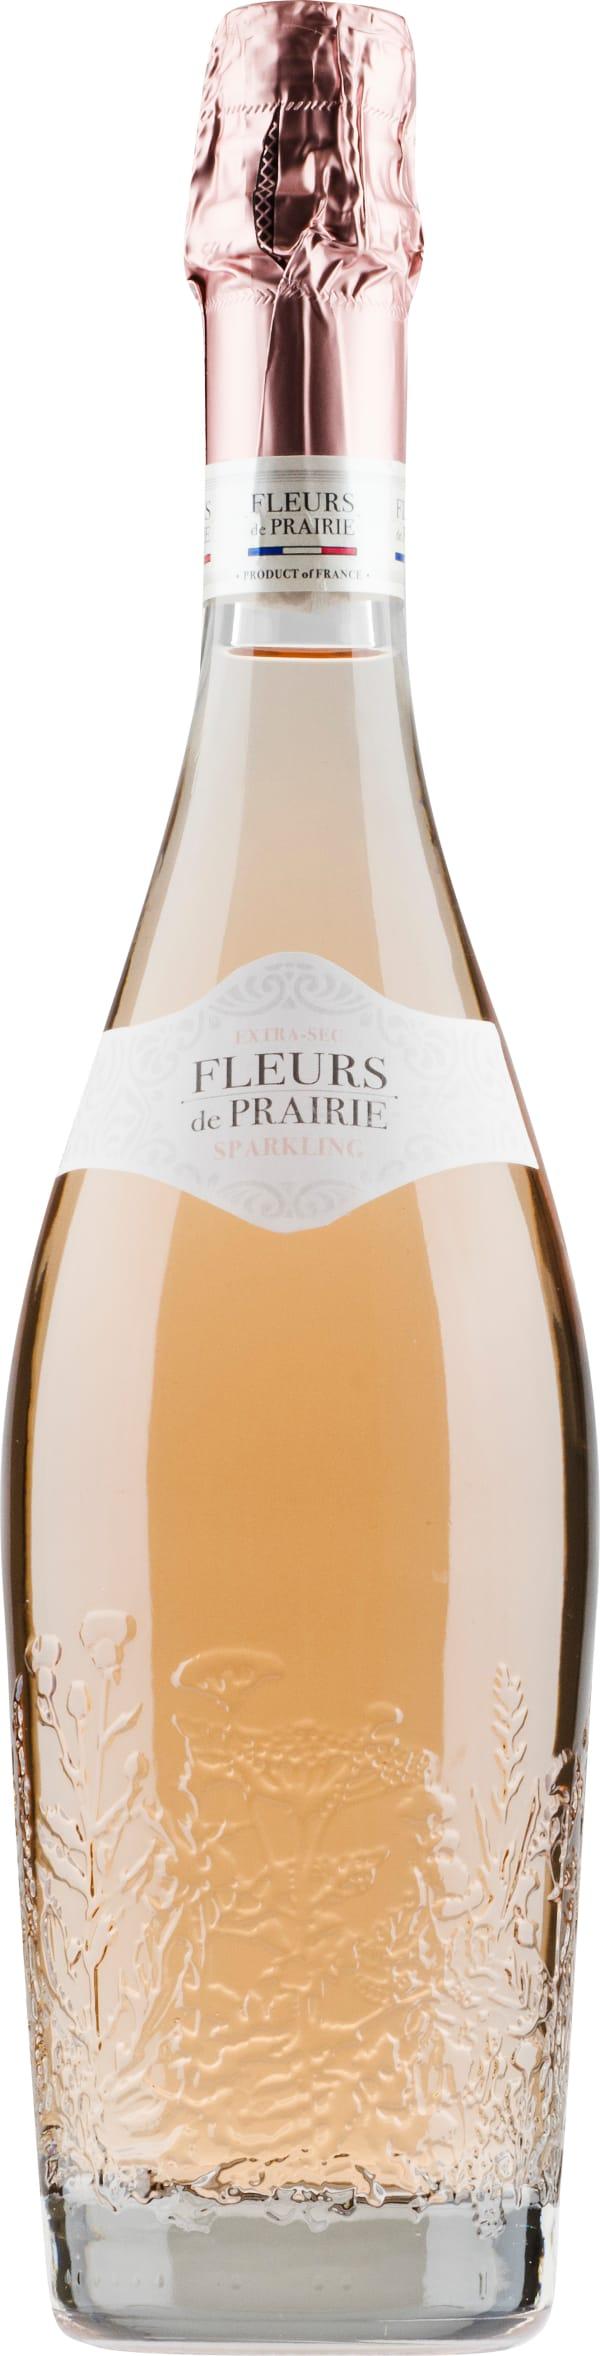 Fleurs de Prairie Sparkling Rosé Extra-Sec